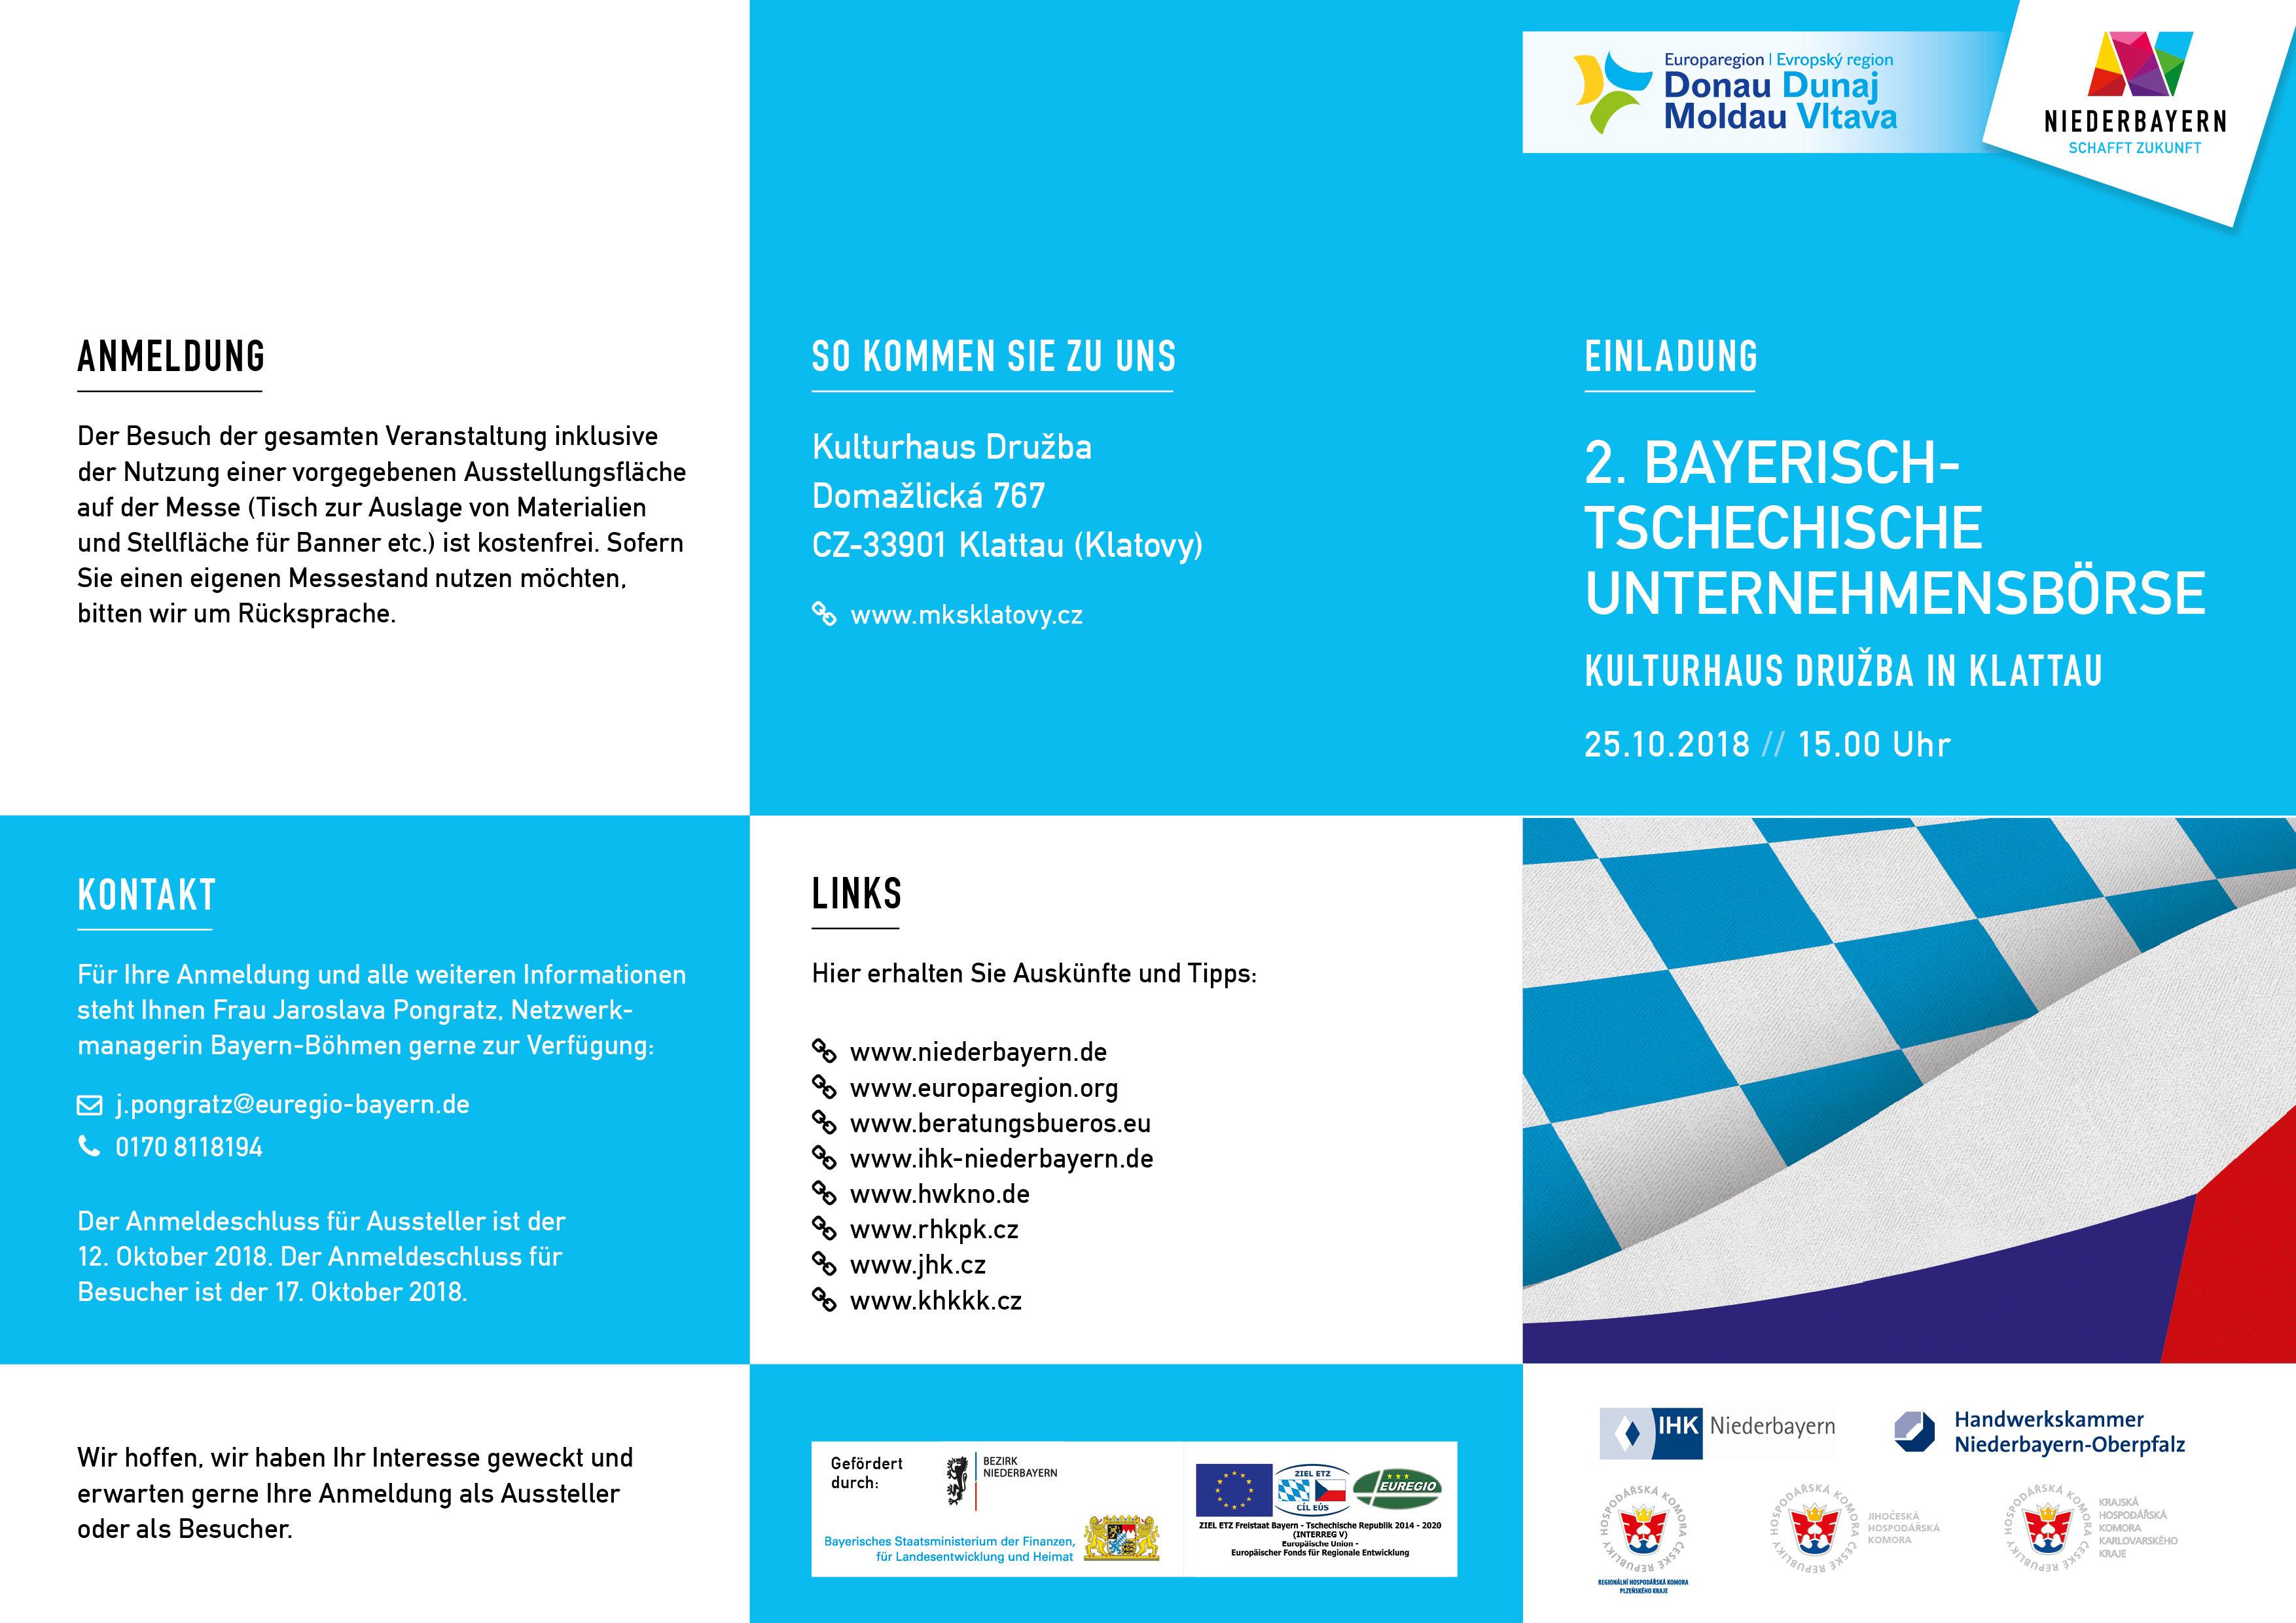 einladung-2-bayerisch-tschechische-unternehmensboerse-1-seite